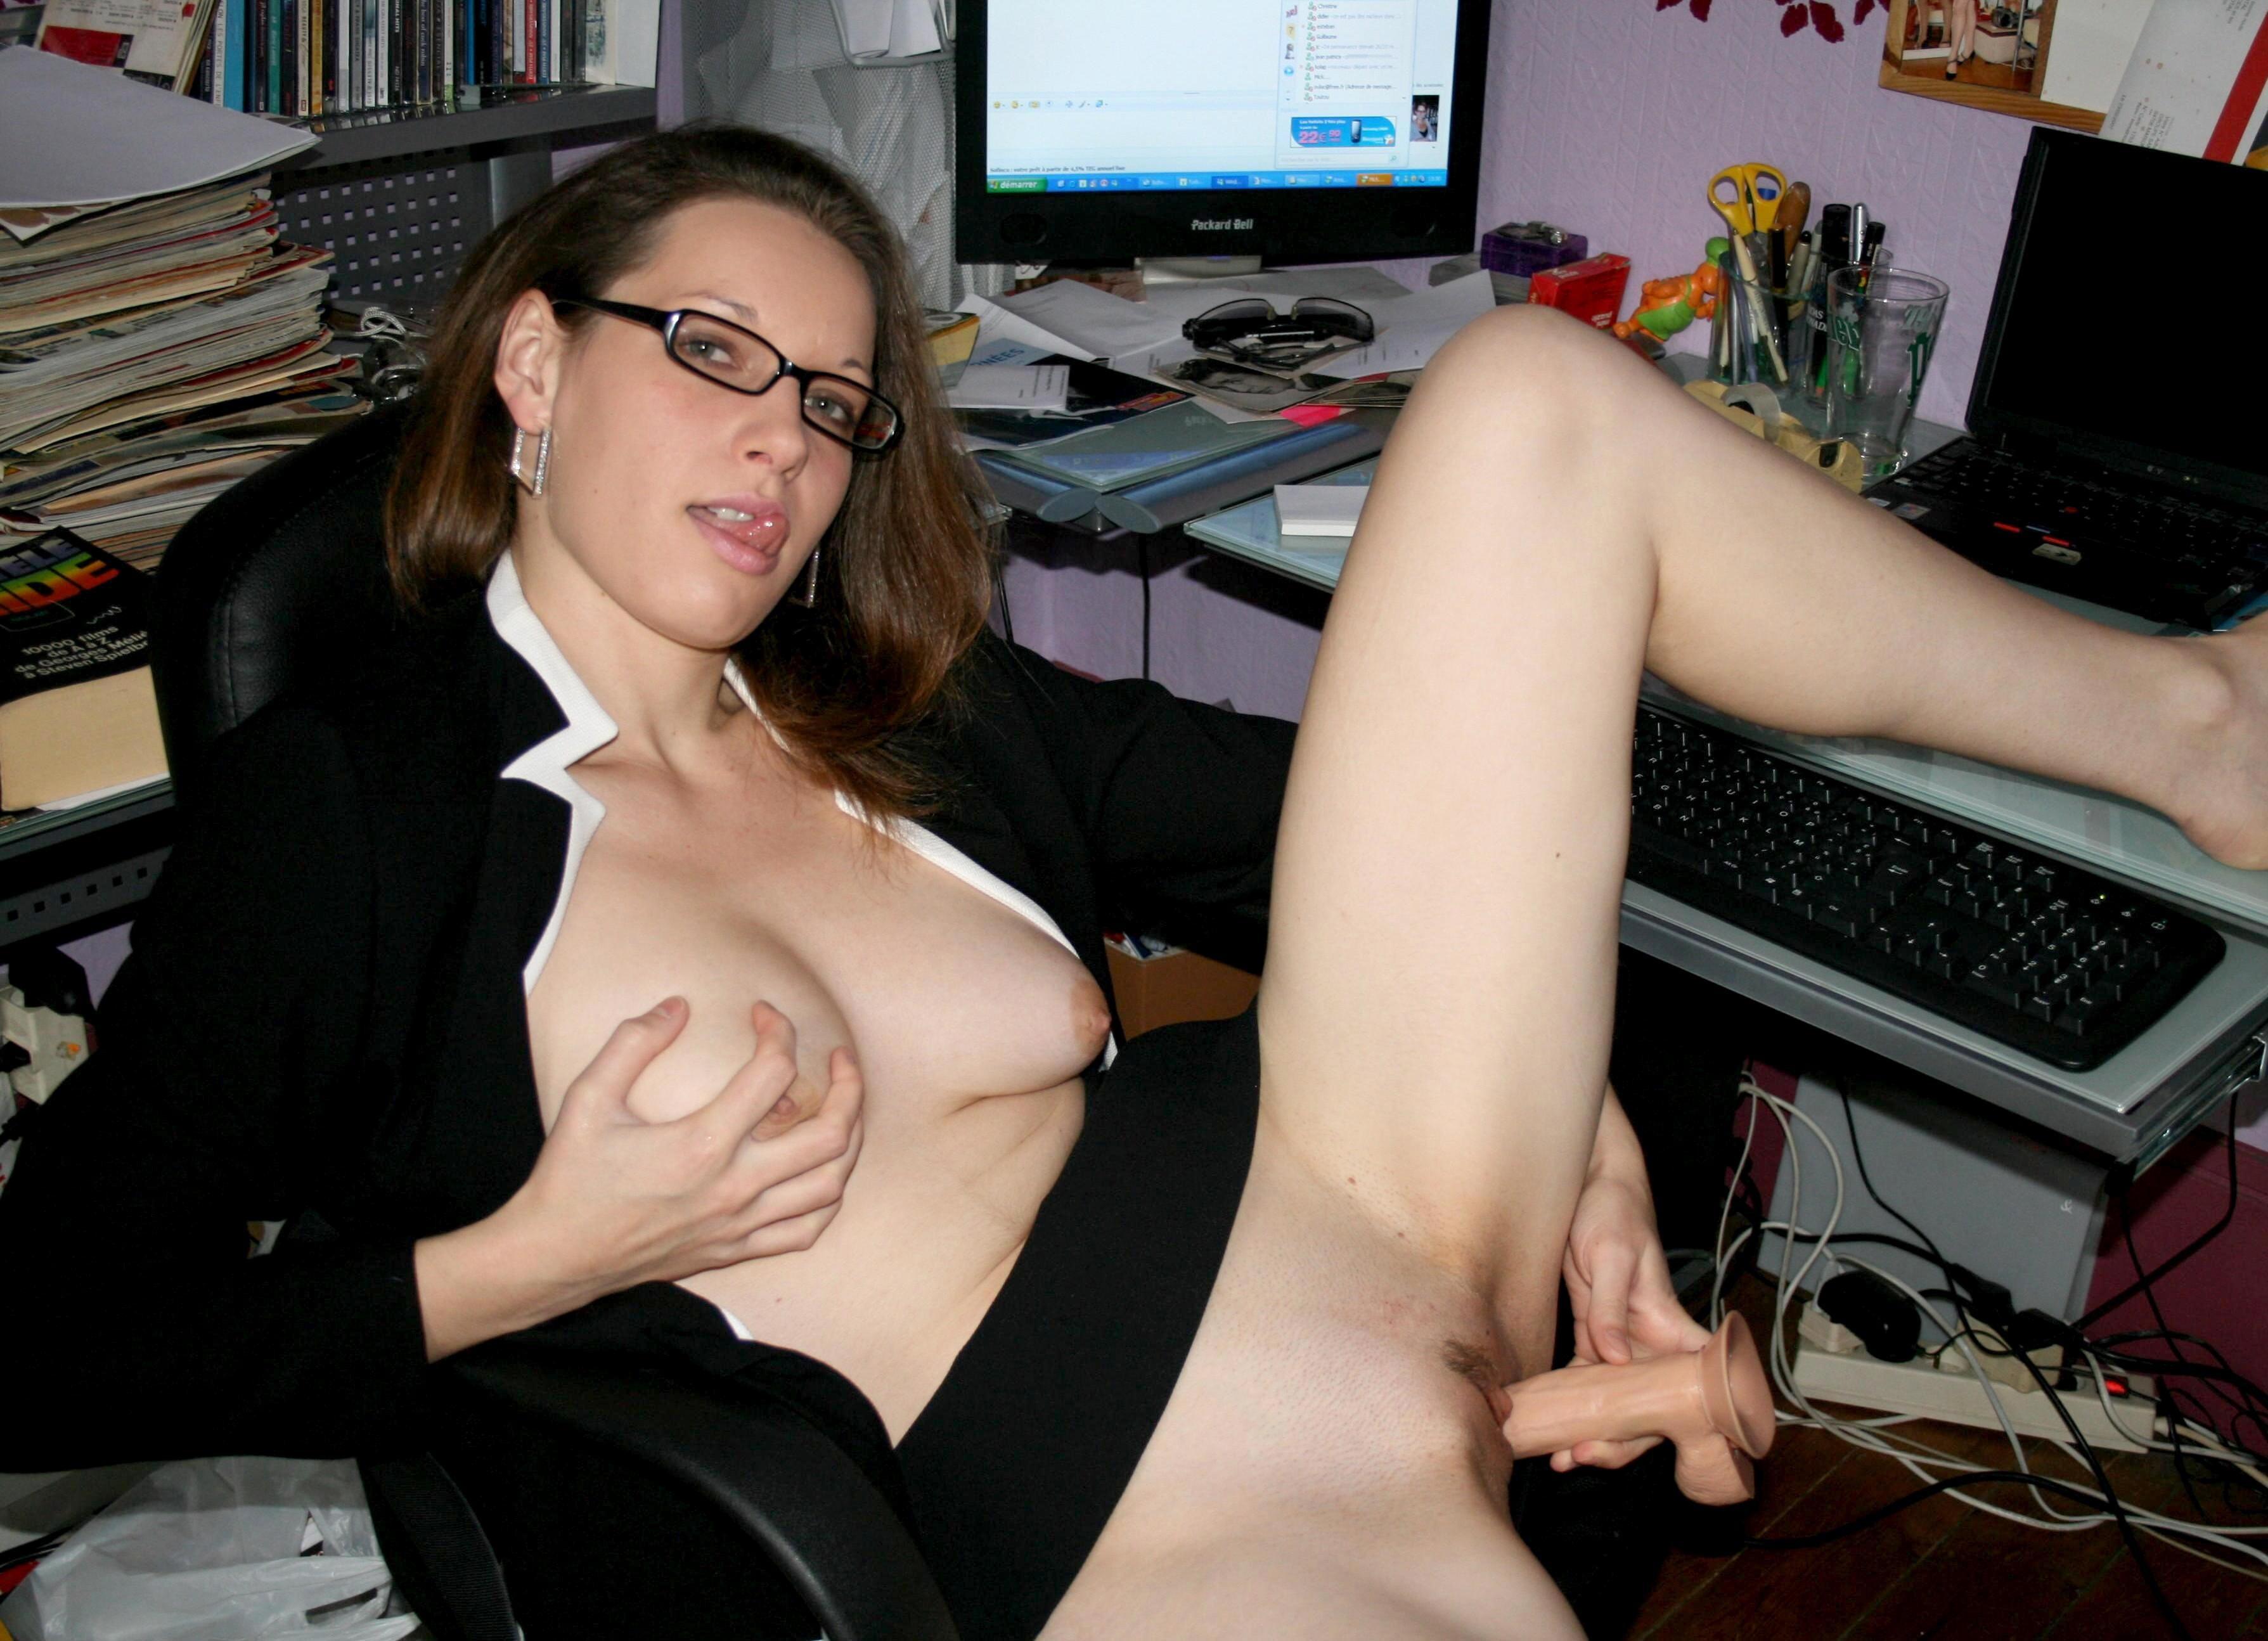 Русский секс домашней девочки в очках, Русское порно видео с тегом В очках бесплатно 8 фотография